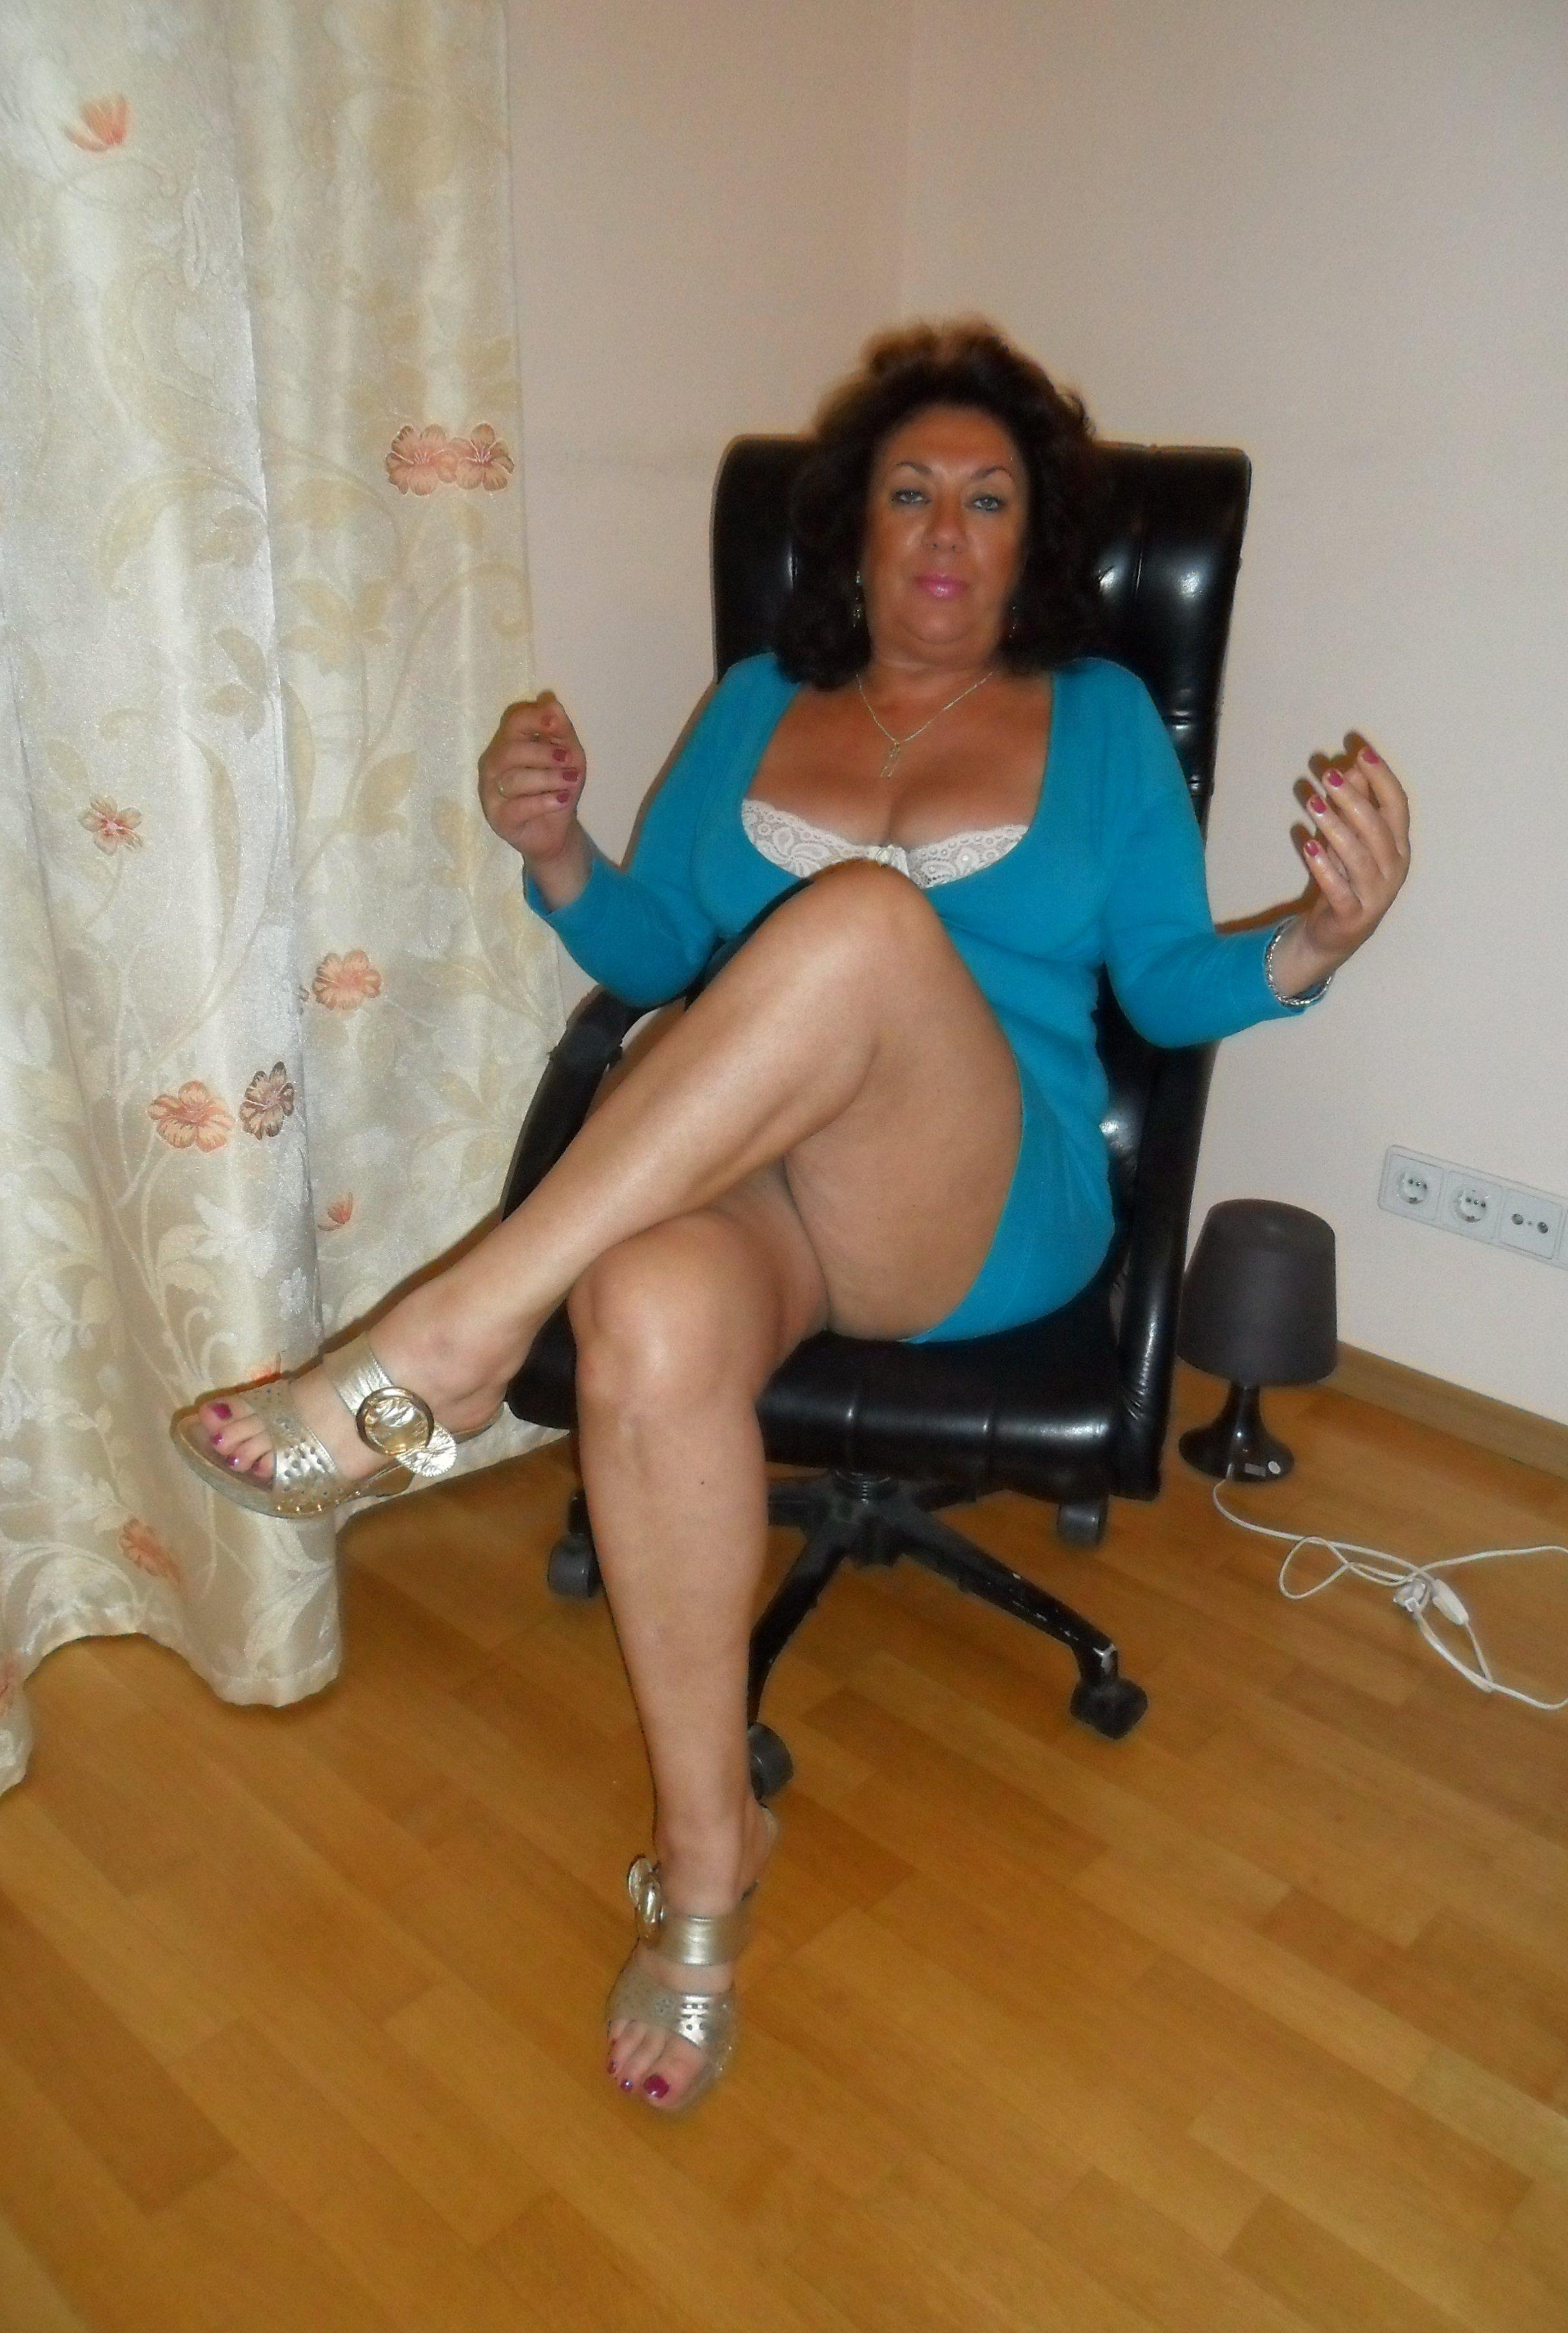 50 до лет проститутки зрелые